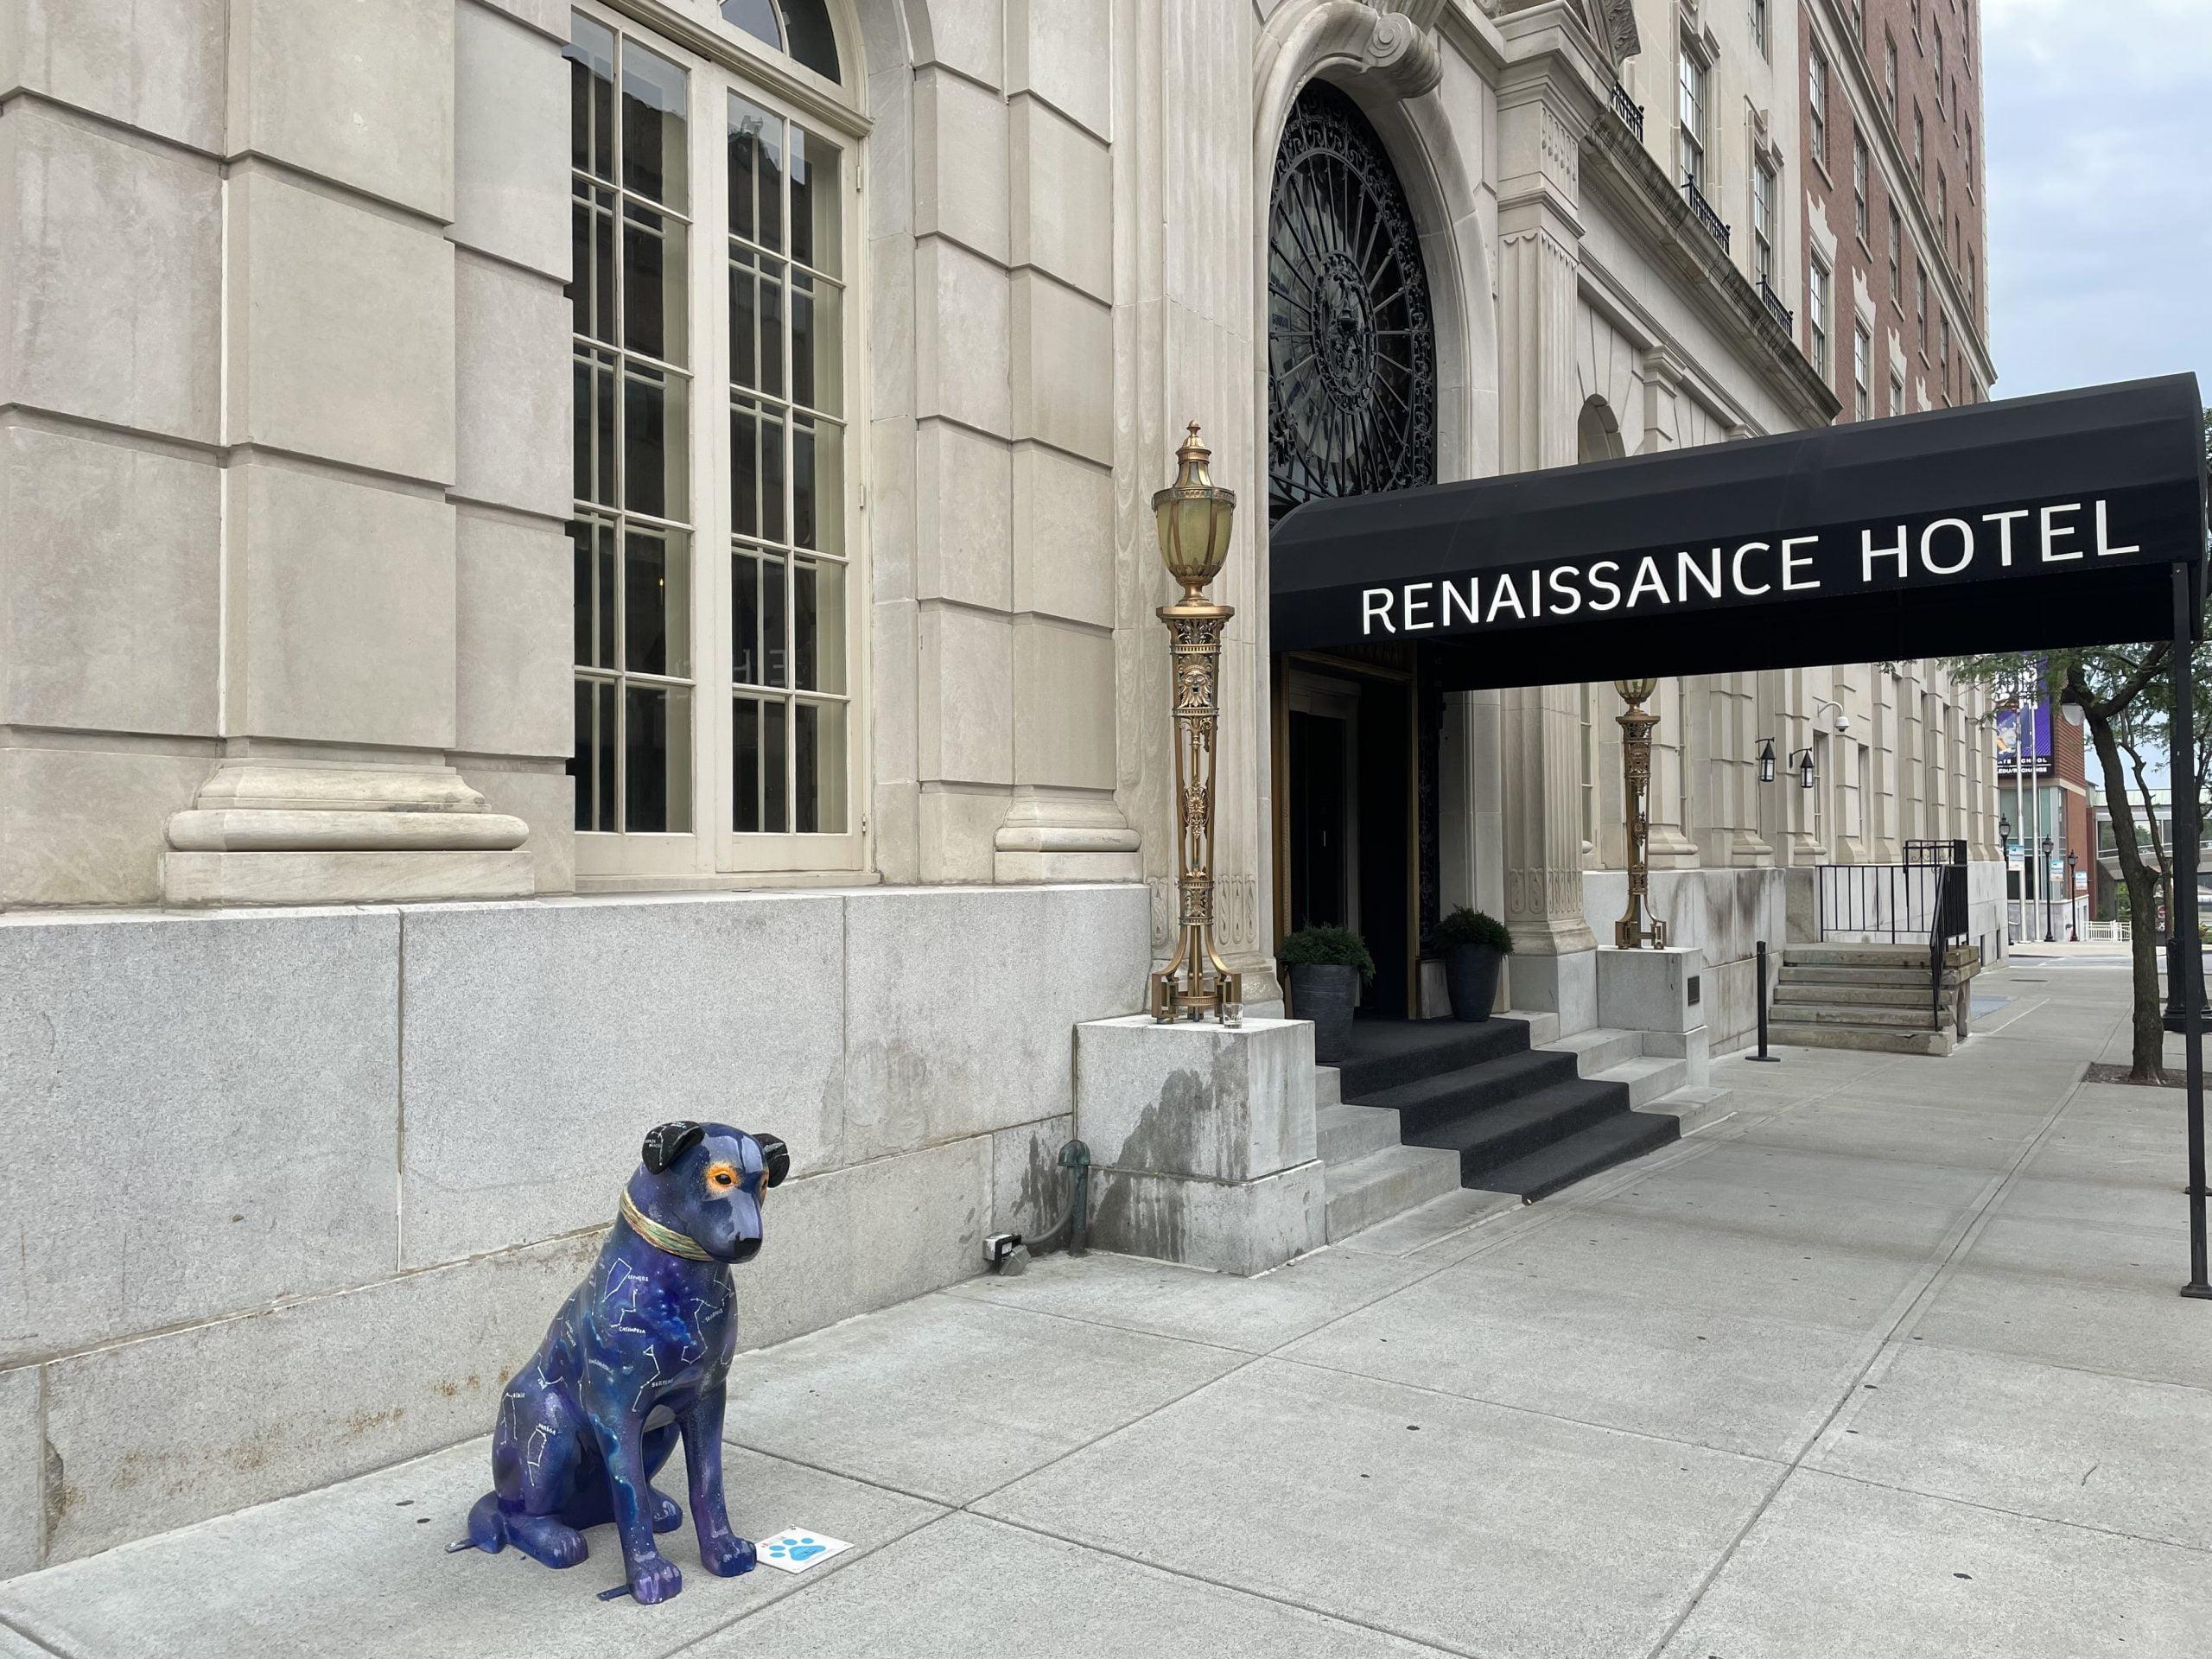 Renaissance Albany Hotel Exterior